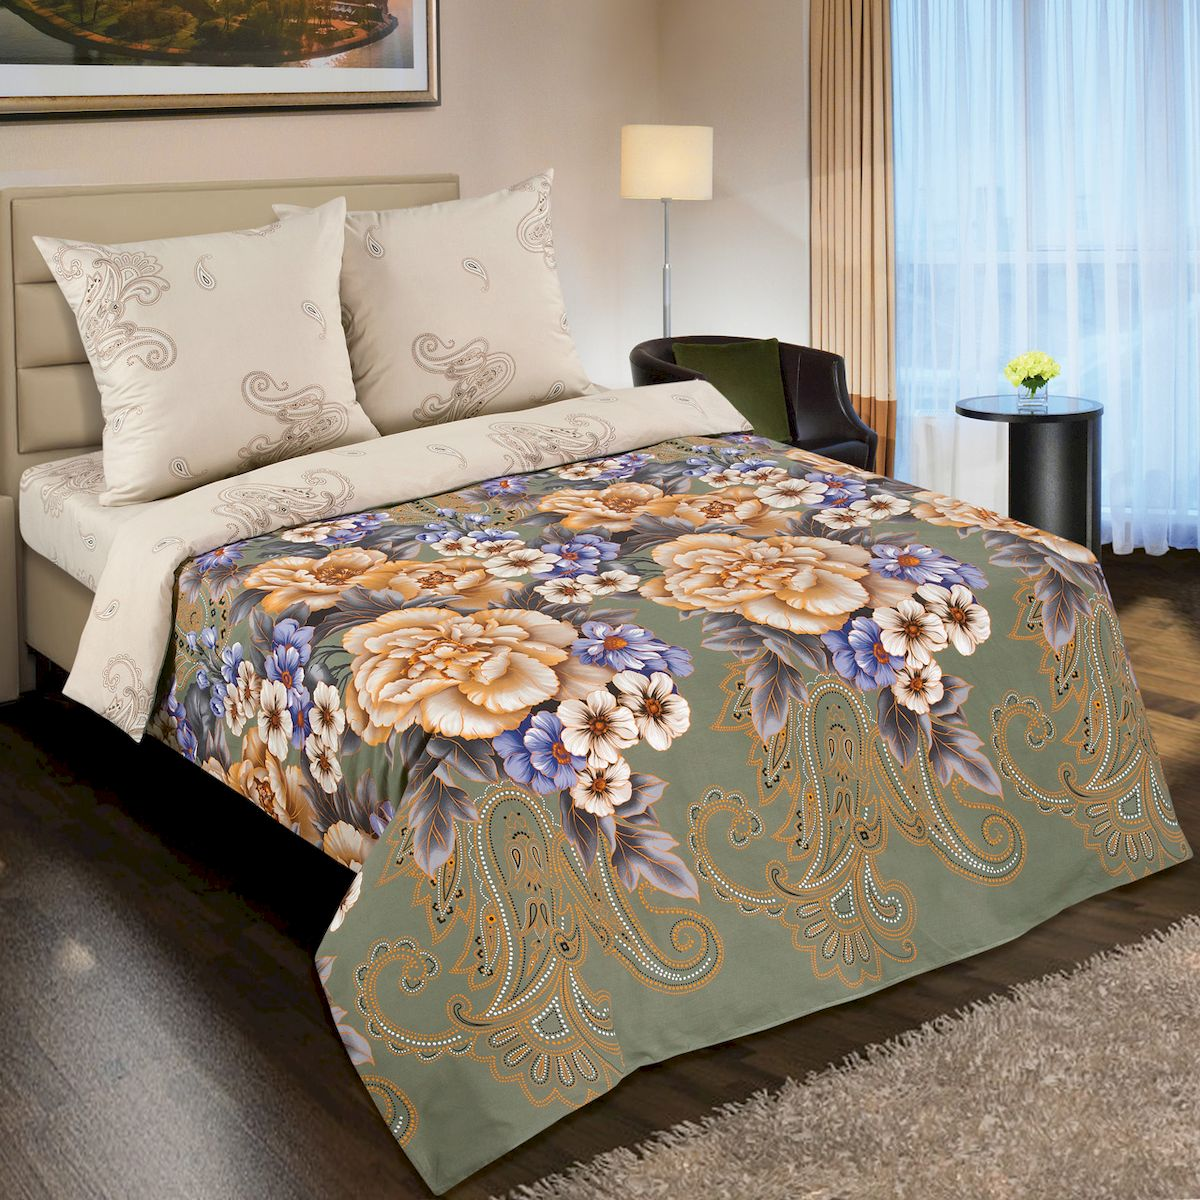 Комплект белья АртПостель Золотая вышивка, 1,5 спальное, наволочки 70 x 70. 900 цена артпостель